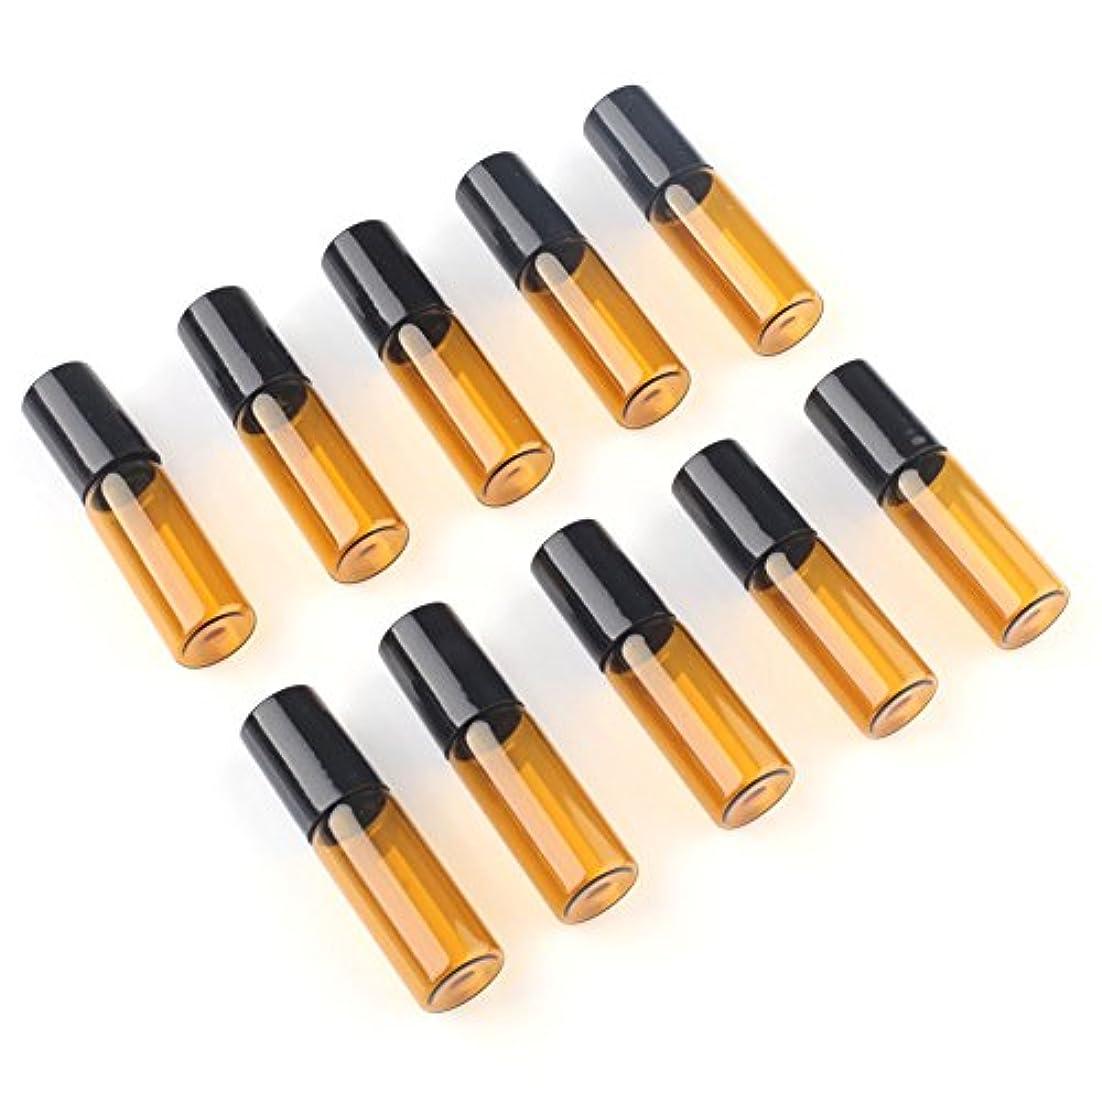 アラブ腐食するテクニカルSAGULU アロマオイル 精油 小分け用 遮光瓶 遮光ビン ミニガラスアロマボトル エッセンシャルオイル用容器 スチールボールタイプ 5ml、10ml選択可能 アンバー 10本セット (5ml)